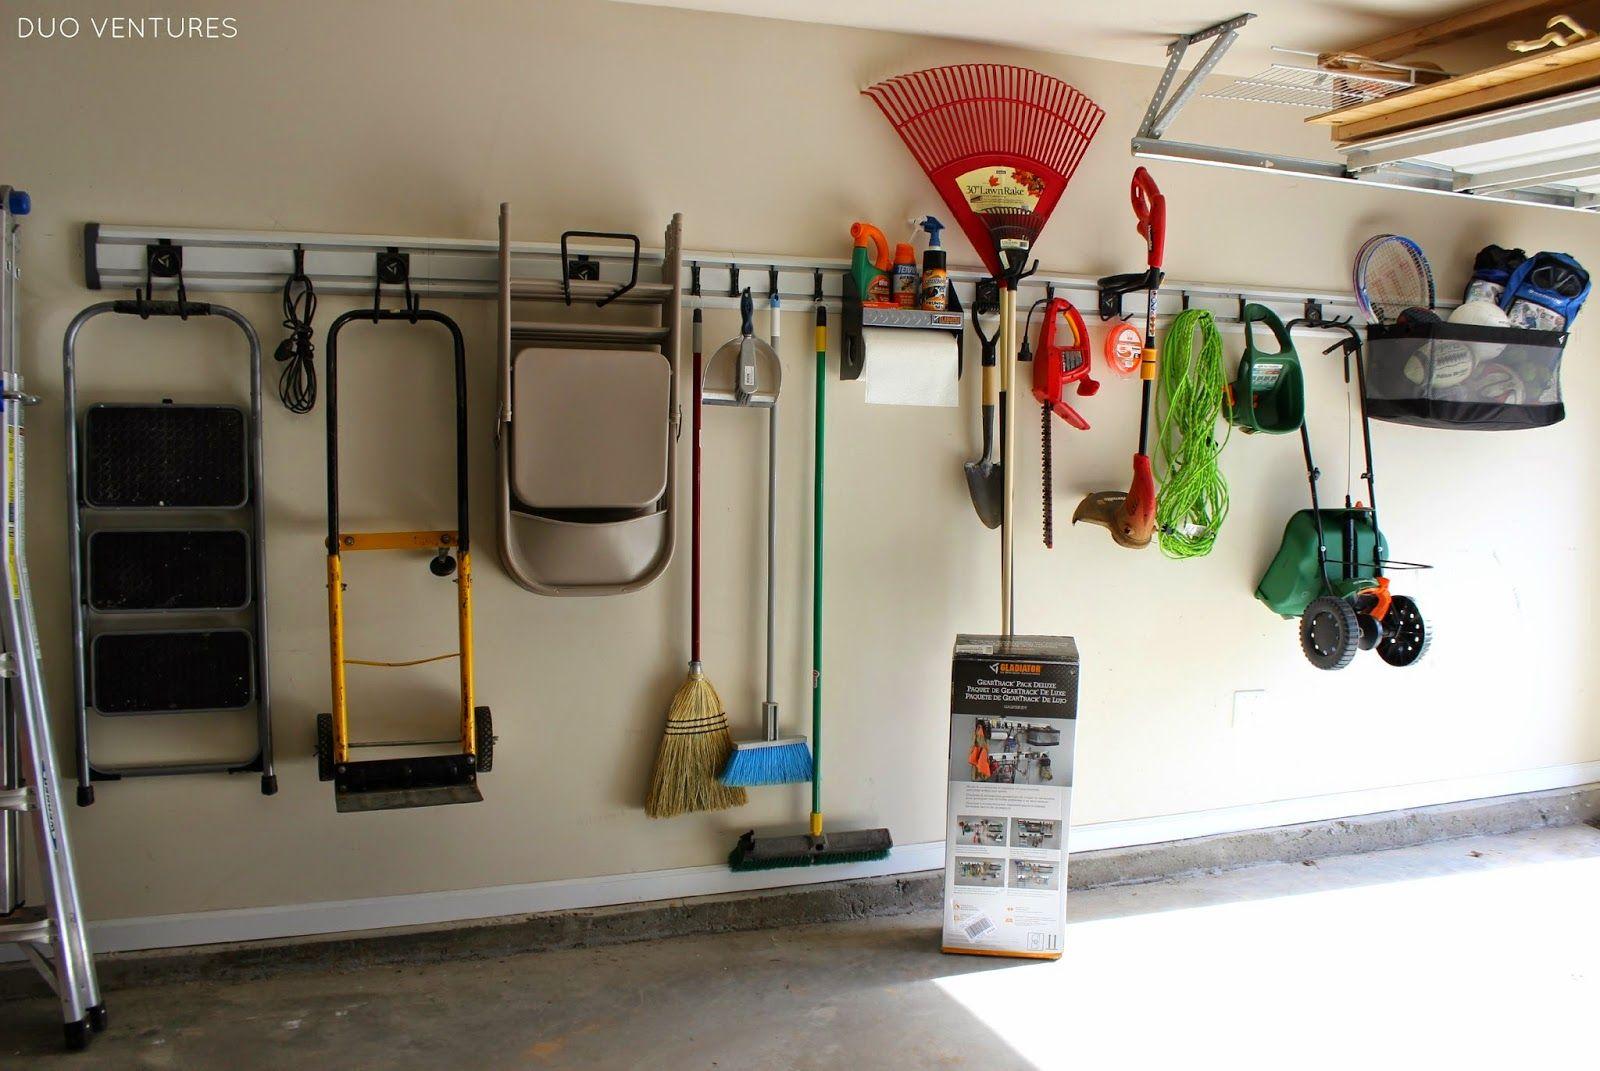 The Garage Wall Track System Organizing Challenges Garage Design Interior Garage Interior